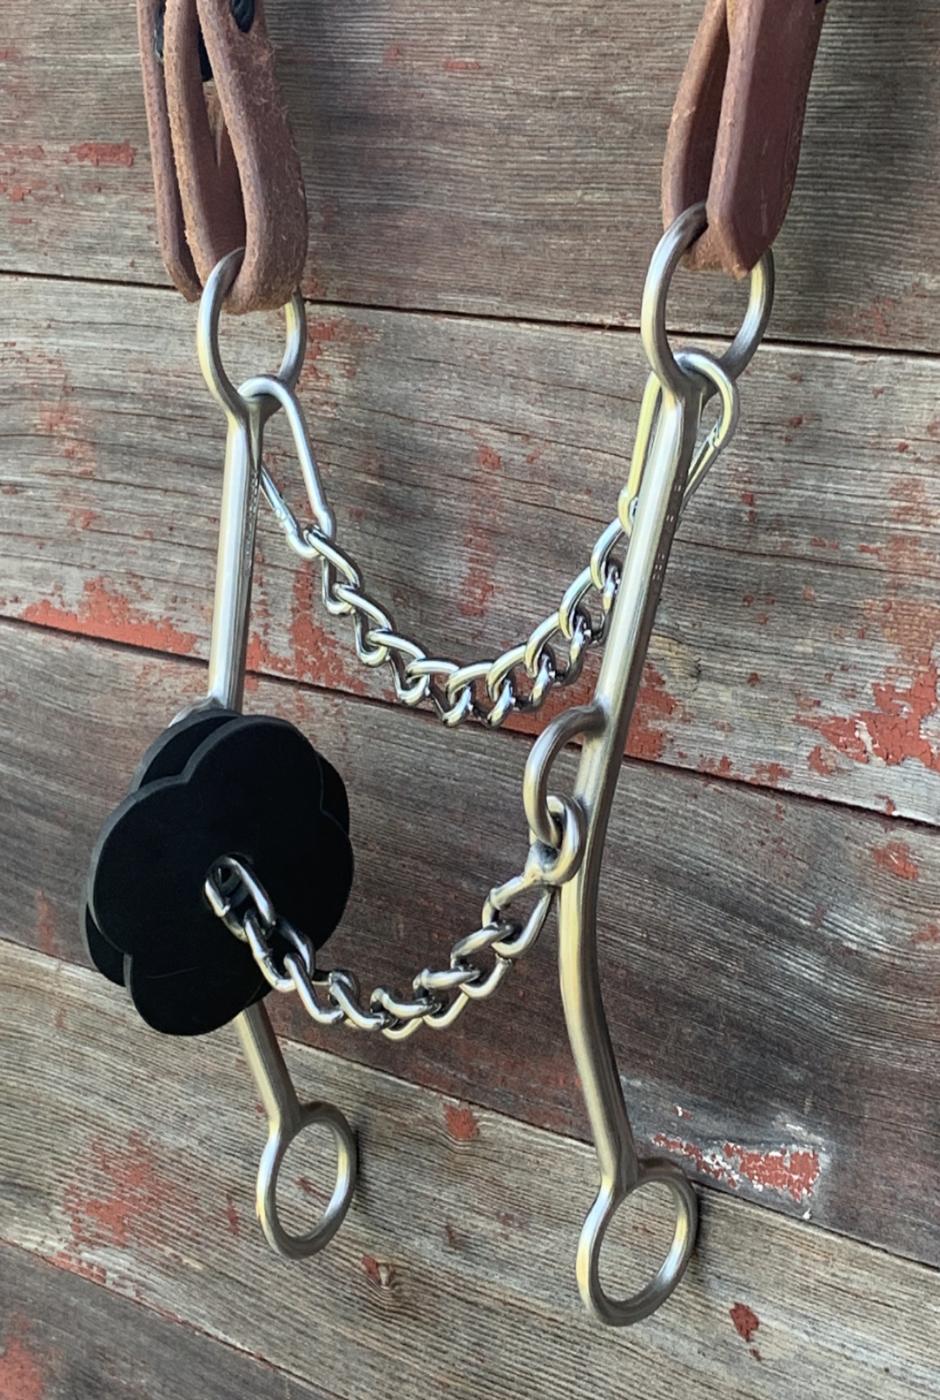 Hemi Chain